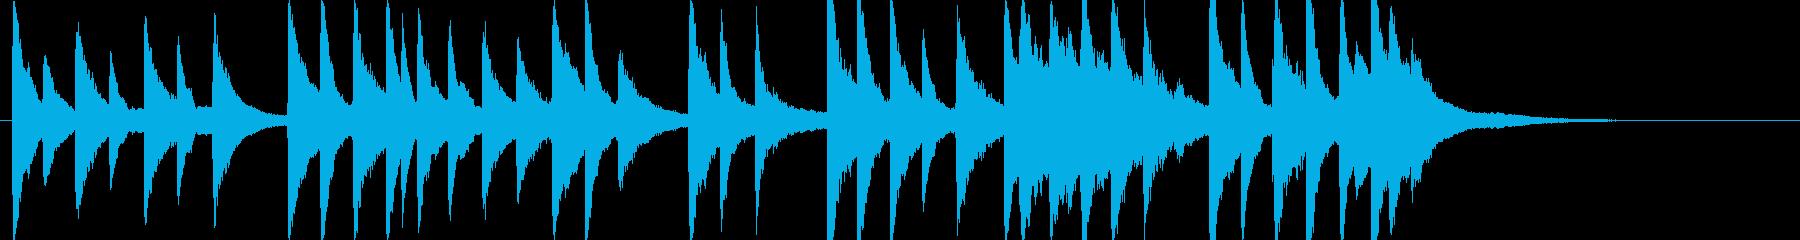 「君が代」の幻想的なピアノソロの再生済みの波形